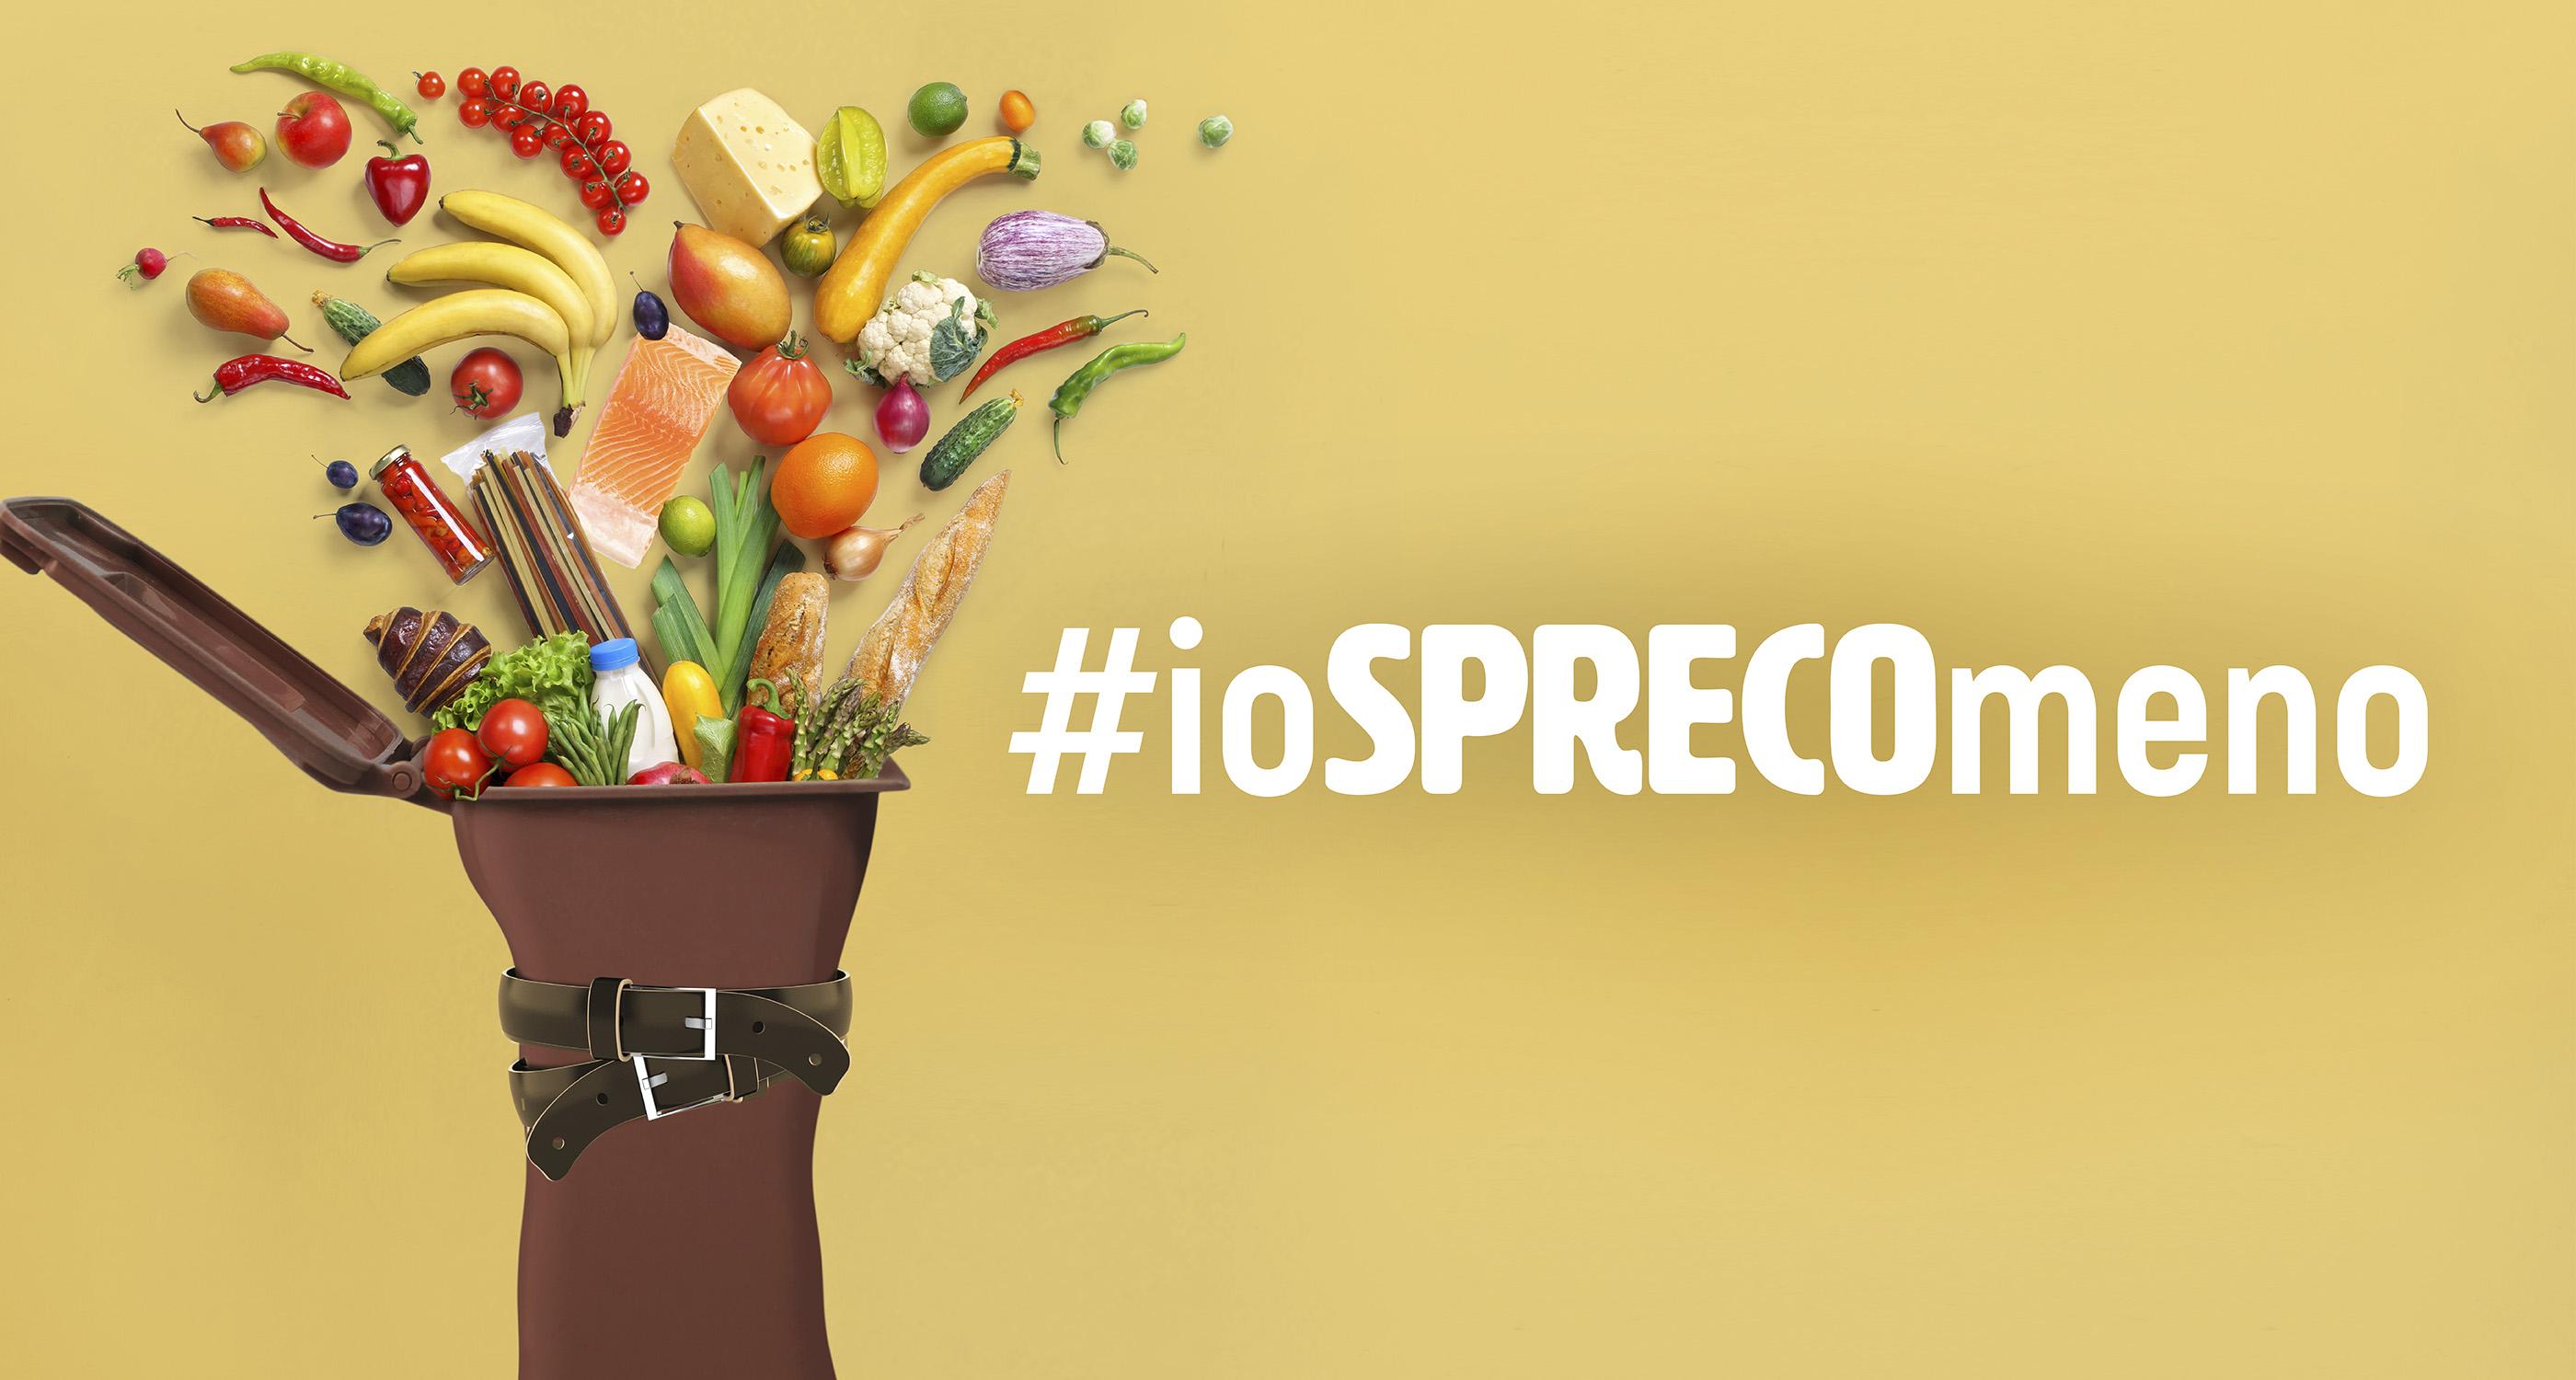 Immagine della campagna di sensibilizzazione contro lo spreco alimentare